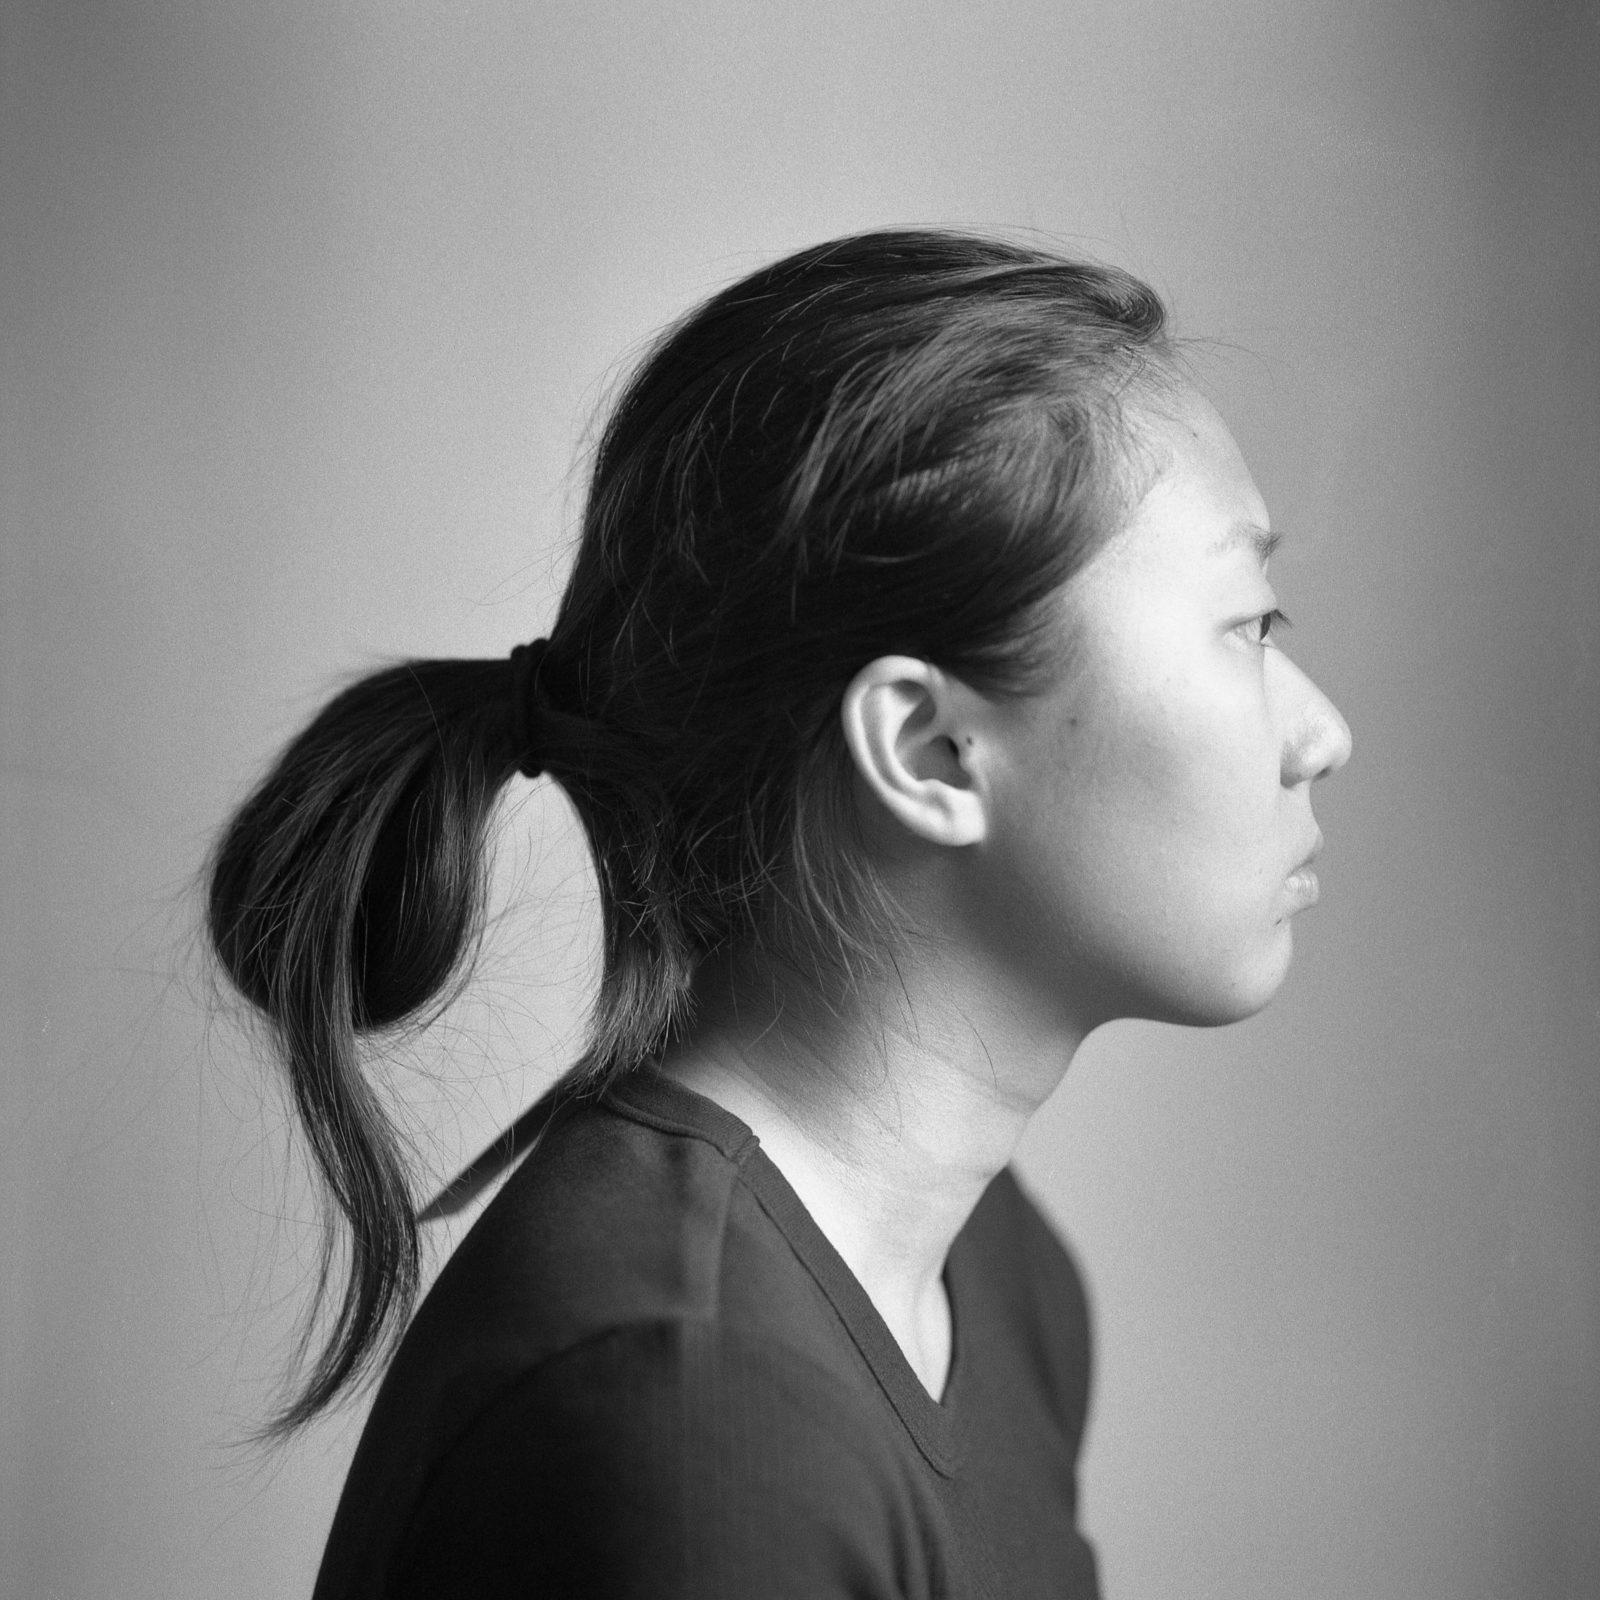 Kyeongjun Yang 3